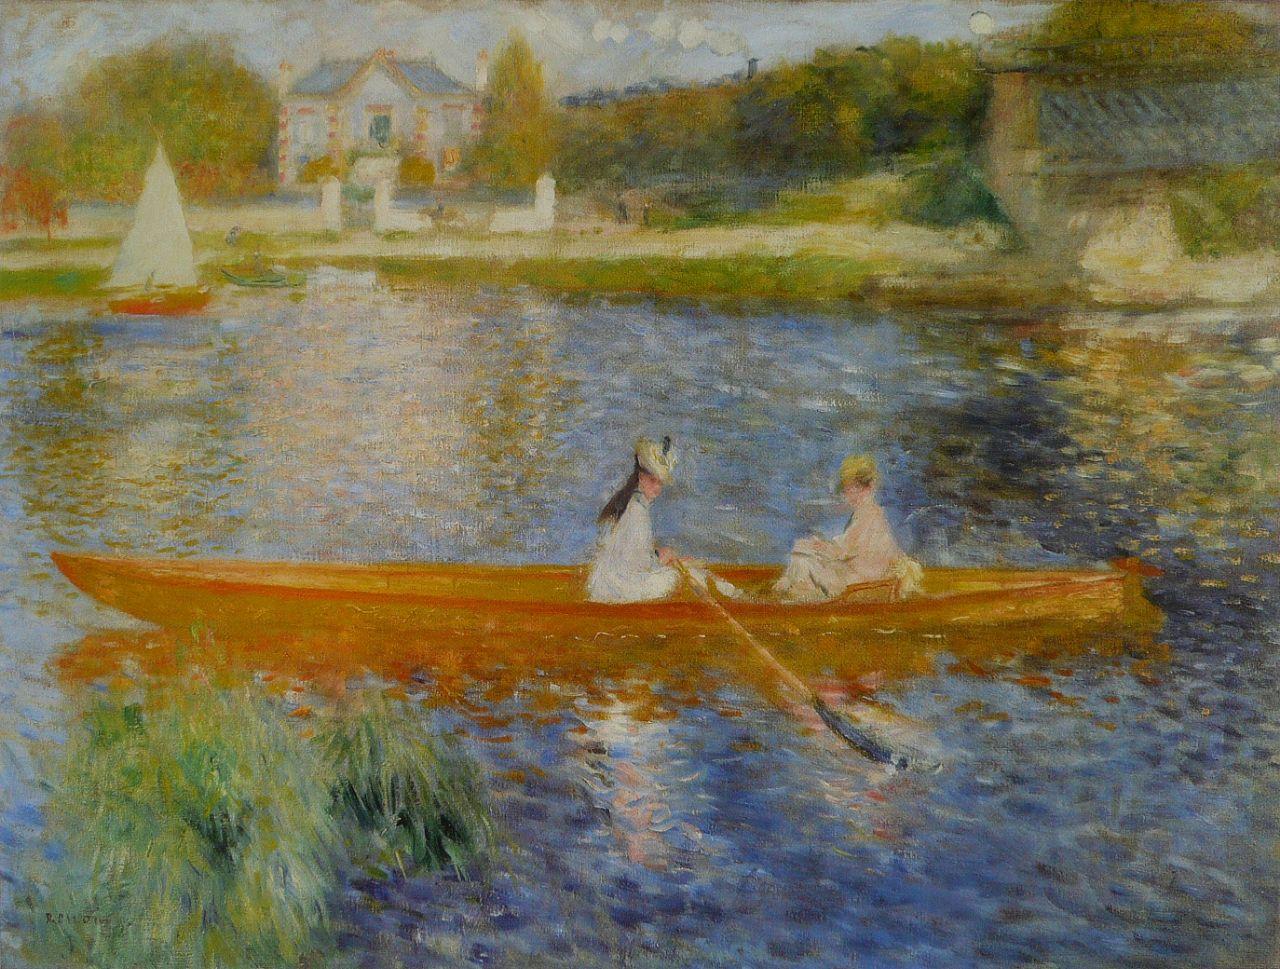 Обои Клод Моне, Пейзаж, картина, Сена возле Ветей. Бурная Погода. Разное foto 16